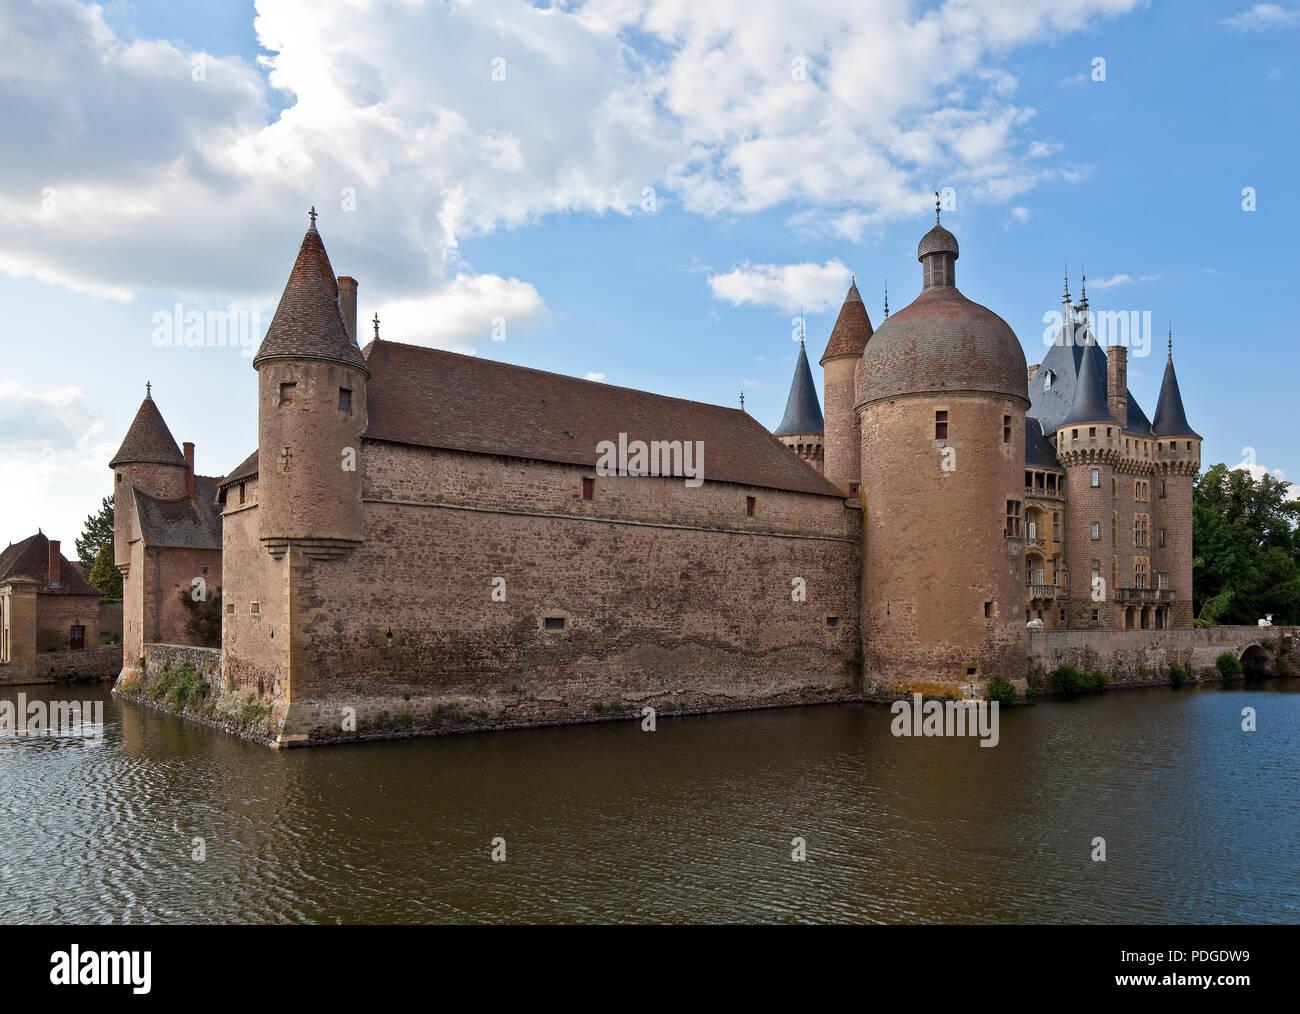 La Clayette Burgund Wasserschloß heutiges Erscheinungsbild von 1380 teilweise im 19 Jh überformt Ansicht von Süd-Südwest - Stock Image